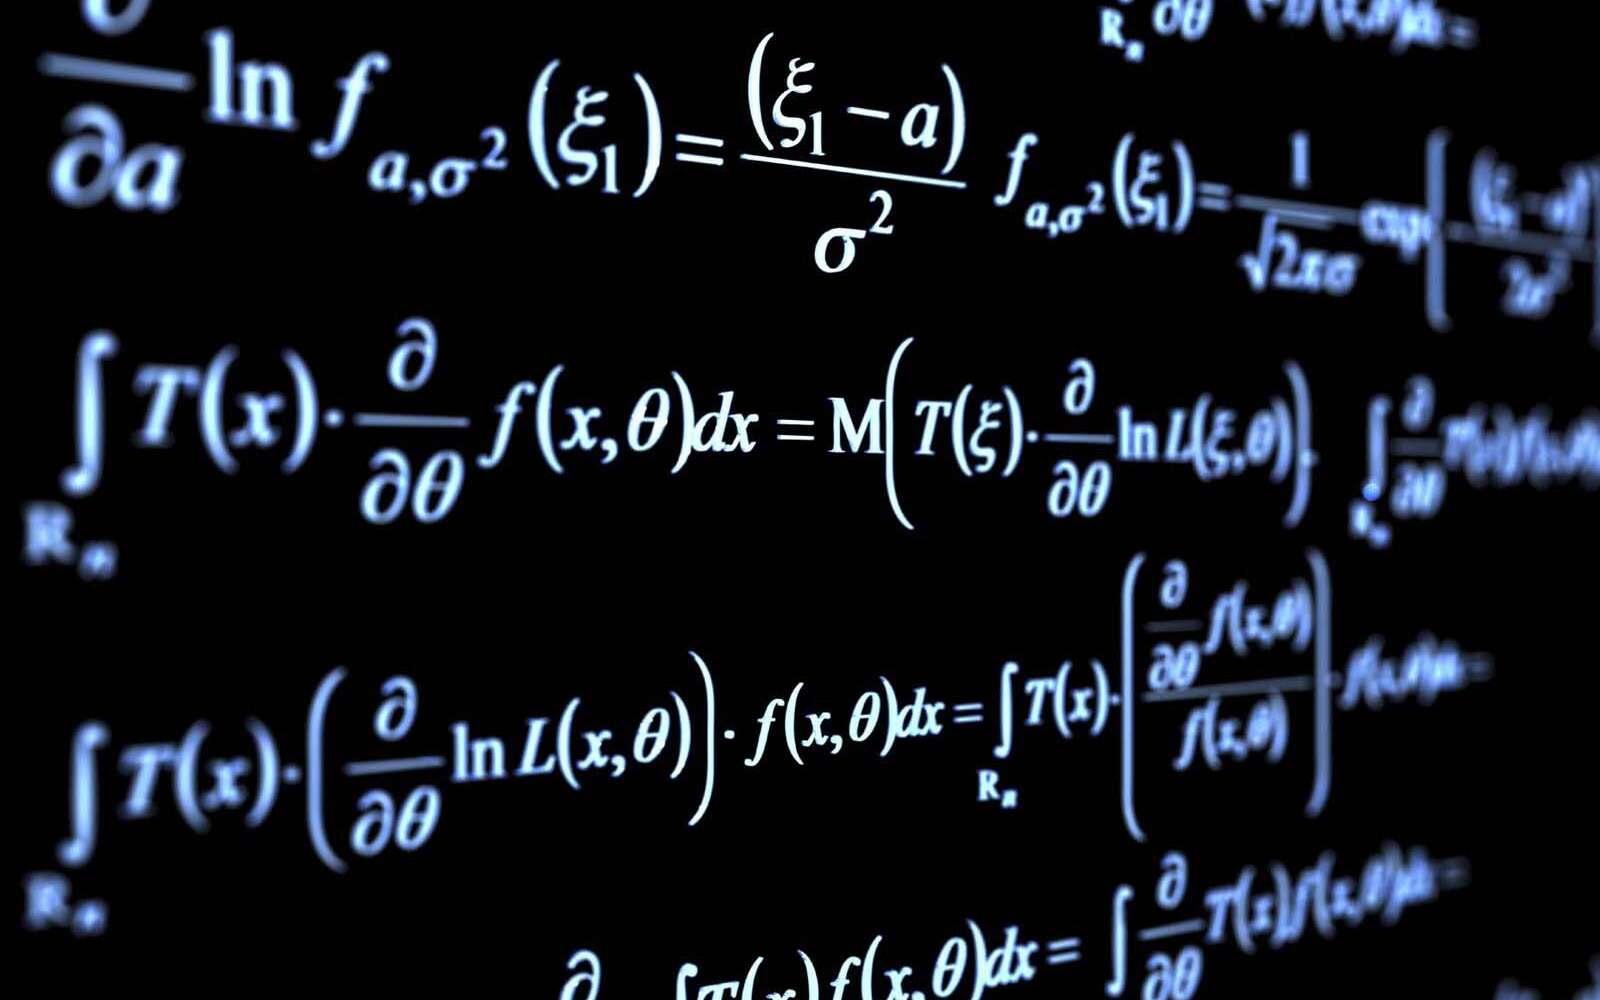 Les mathématiques sont génératrices d'anxiété pour un certain nombre d'élèves, chez qui cela provoque même des réponses cérébrales identiques à celles produites en cas de douleur. © Wallpoper, Wikimédia Commons, DP